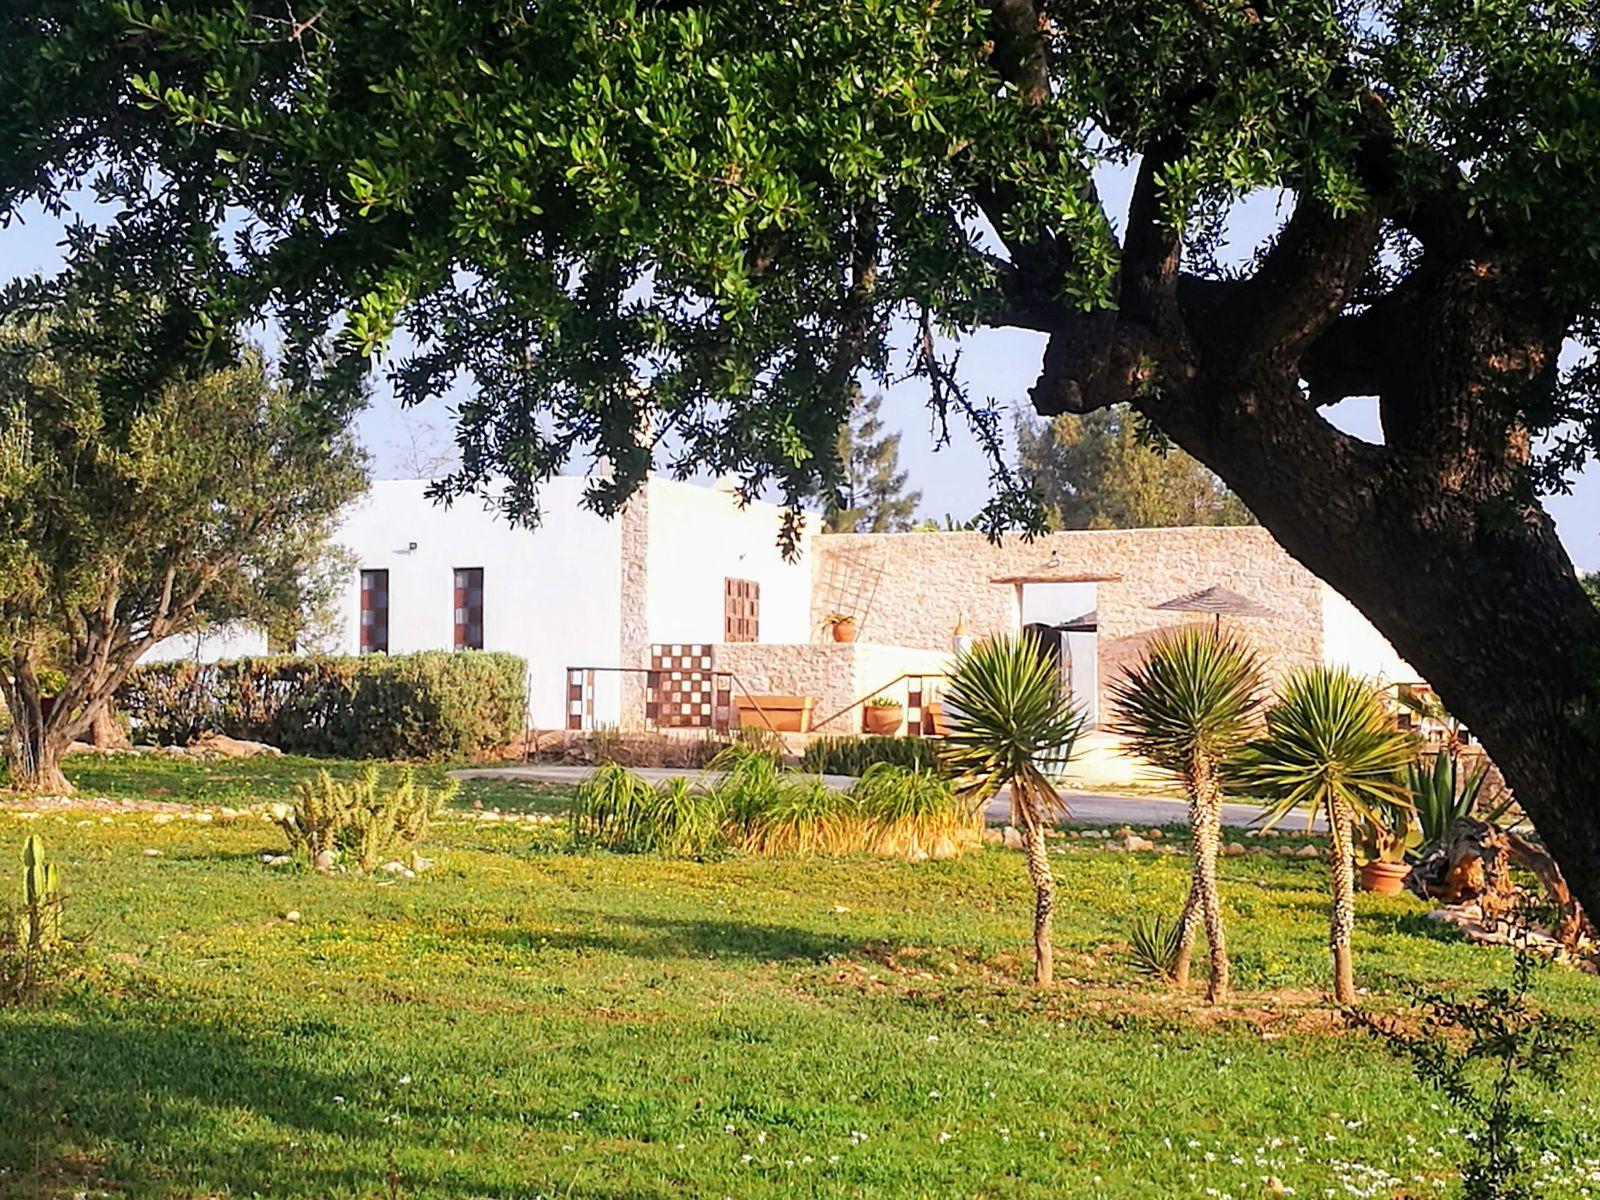 20-02-00-VM Beautiful House 200 m² Garden 10 000 m²